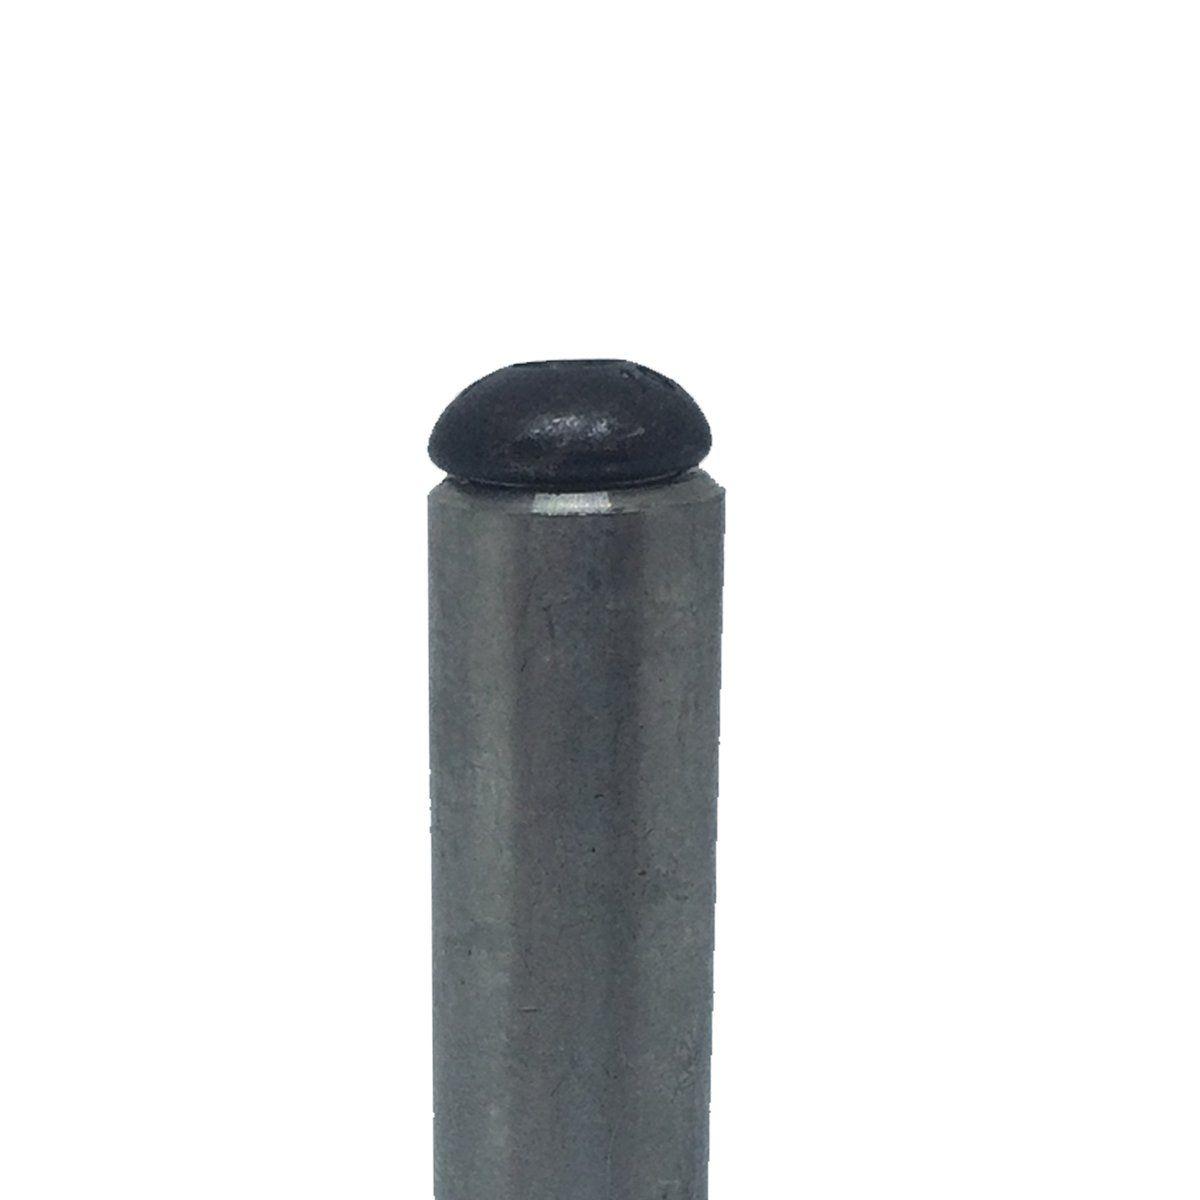 Guia de Mola Versão 2 (V2) Aço Inox com Rolamento Taitus